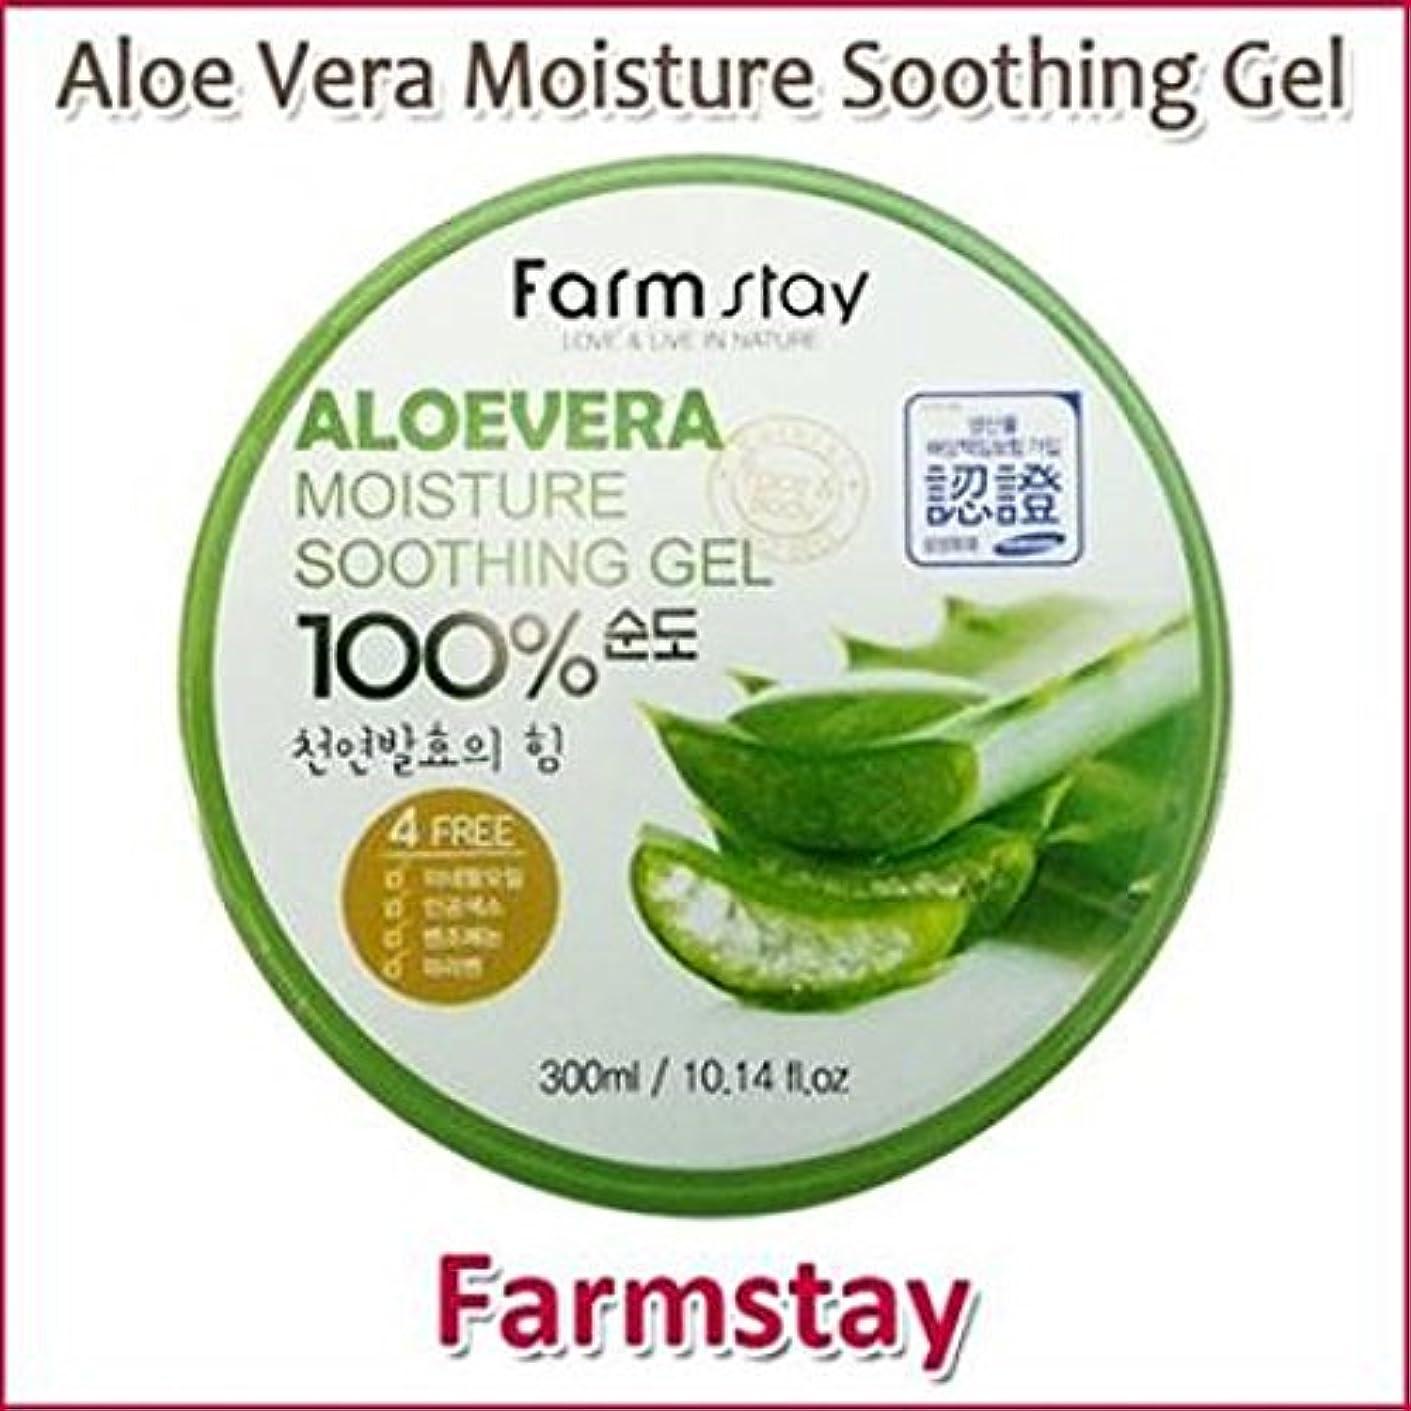 五十政治的トランスペアレントFarm Stay Aloe Vera Moisture Soothing Gel 300ml /オーガニック アロエベラゲル 100%/保湿ケア/韓国コスメ/Aloe Vera 100% /Moisturizing [並行輸入品]